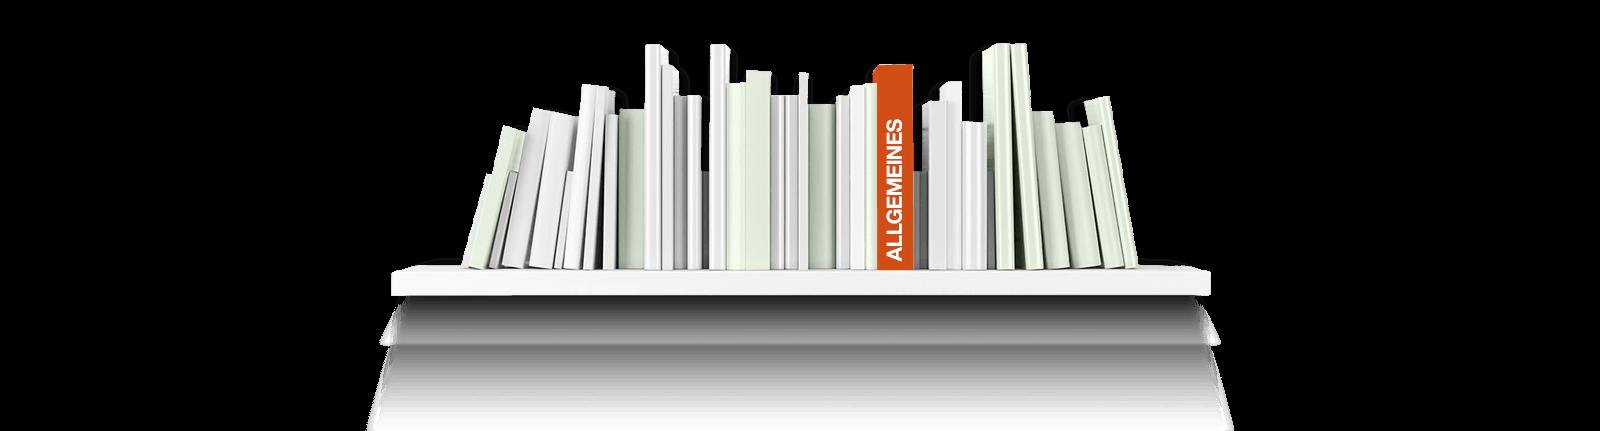 Bild zeigt ein Bücherregal mit einem Buch zum Thema Allgemeines